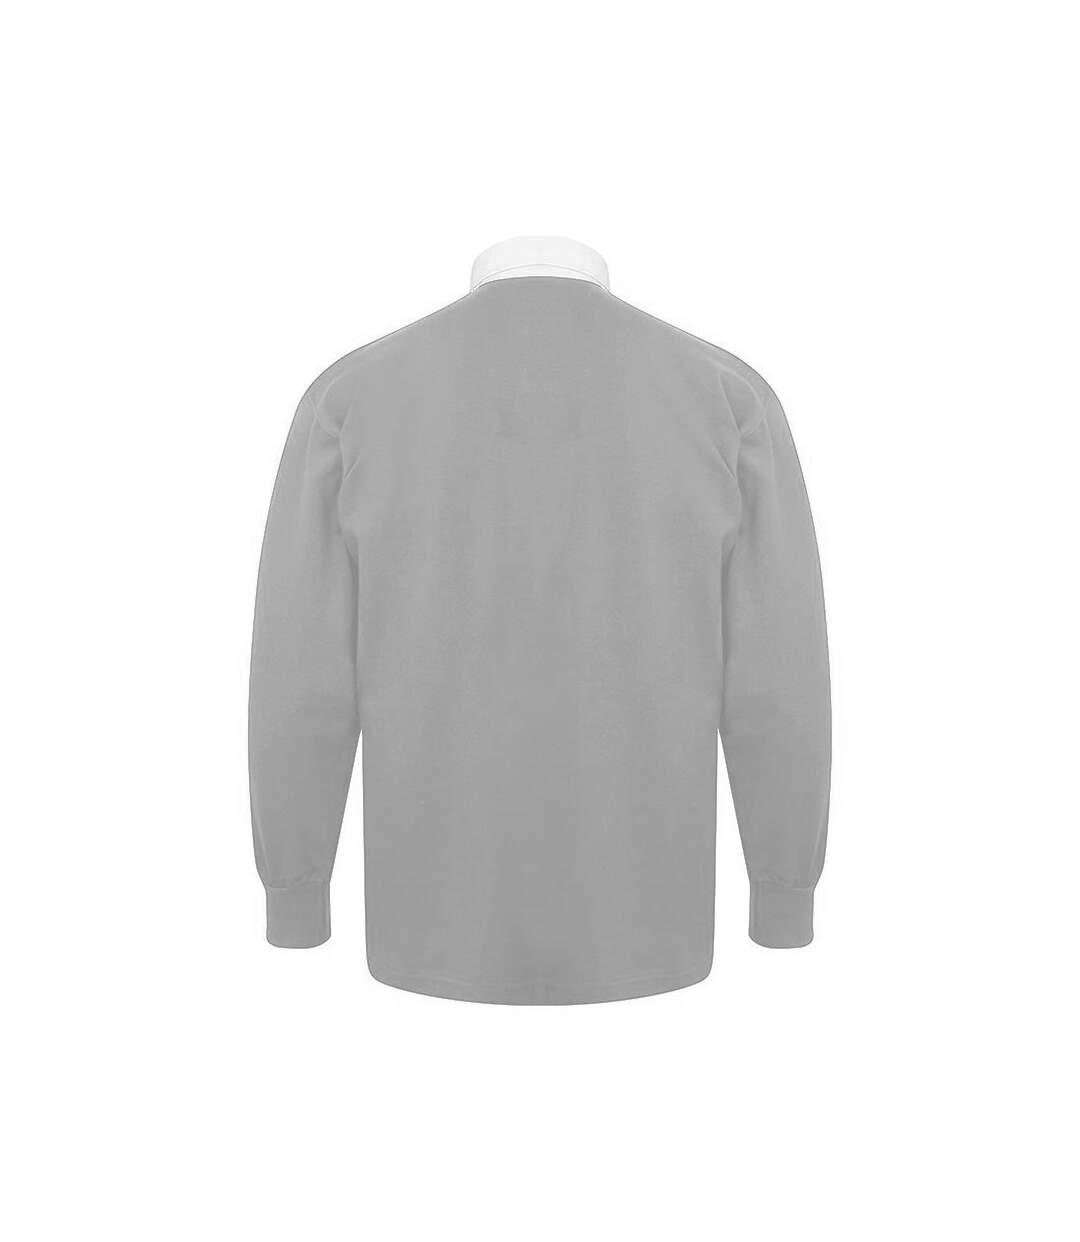 Front Row - Polo De Rugby À Manches Longues 100% Coton - Homme (Gris/Blanc) - UTRW478